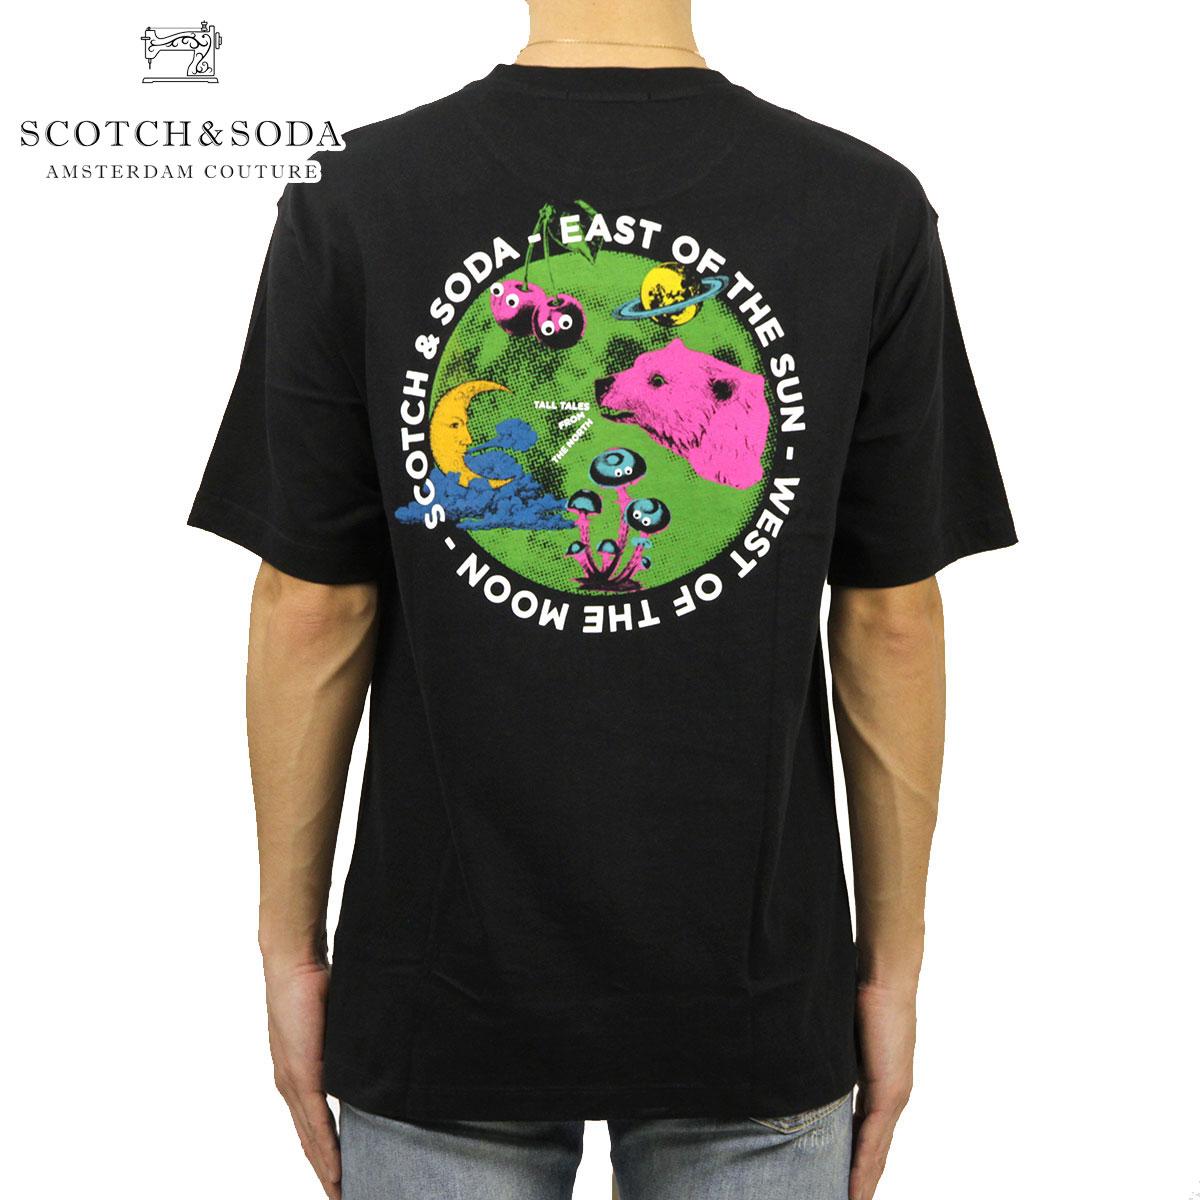 スコッチアンドソーダ Tシャツ メンズ 正規販売店 SCOTCH&SODA クルーネック半袖Tシャツ オーバーサイズTシャツ ビッグシルエット STREETWEAR-INSPIRED OVERSIZED ARTWORK TEE M 158549 0008 24433 08 BLACK A39B B1C C1D D1E E13F